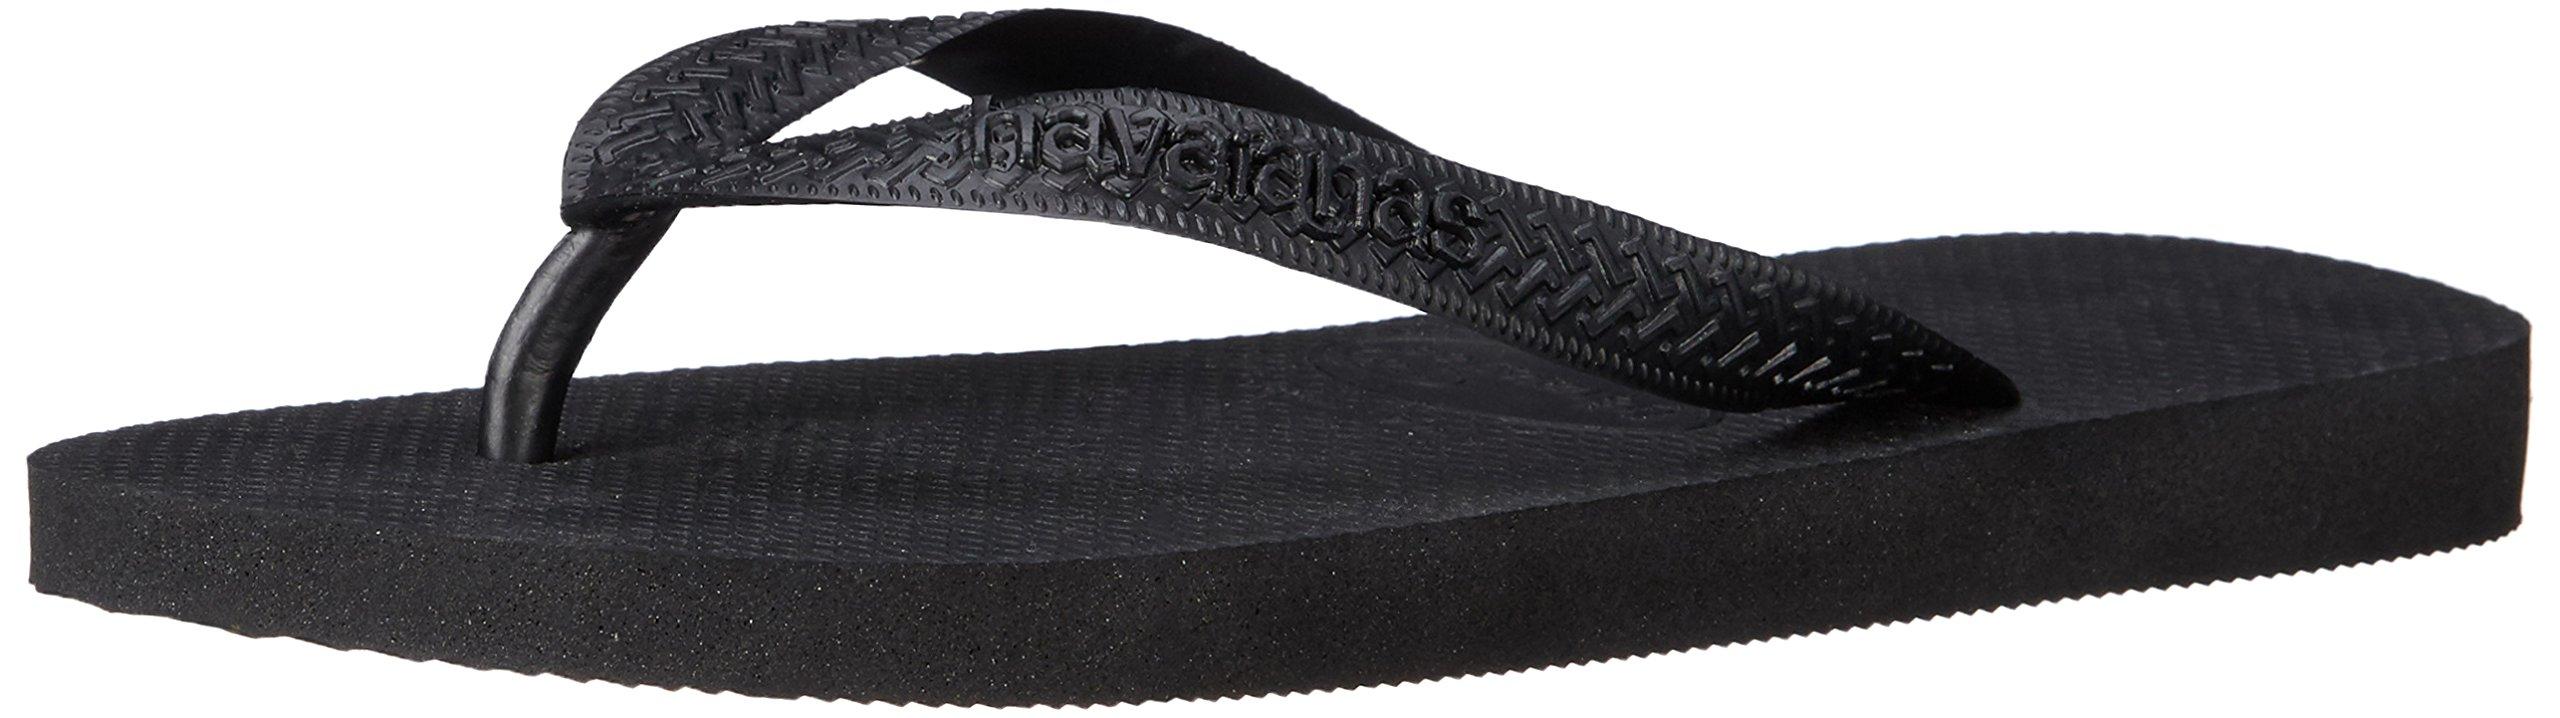 Havaianas Women's Top Sandal,Black,35 BR (6 M US)